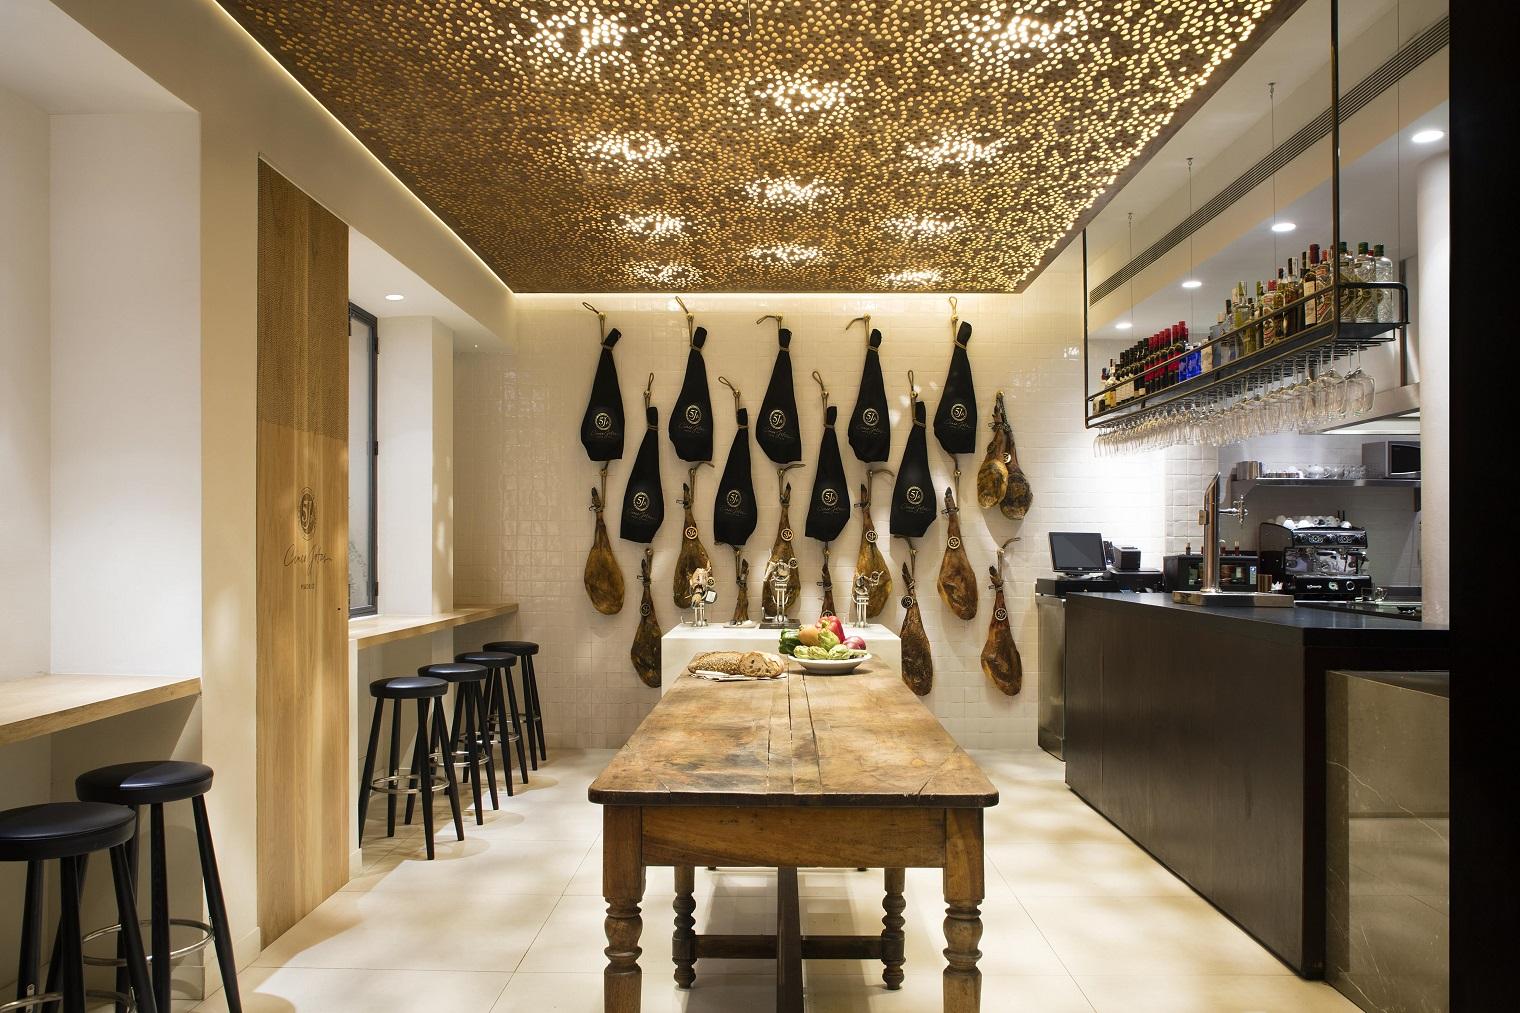 Restaurante cinco jotas en madrid - Restaurantes de diseno ...